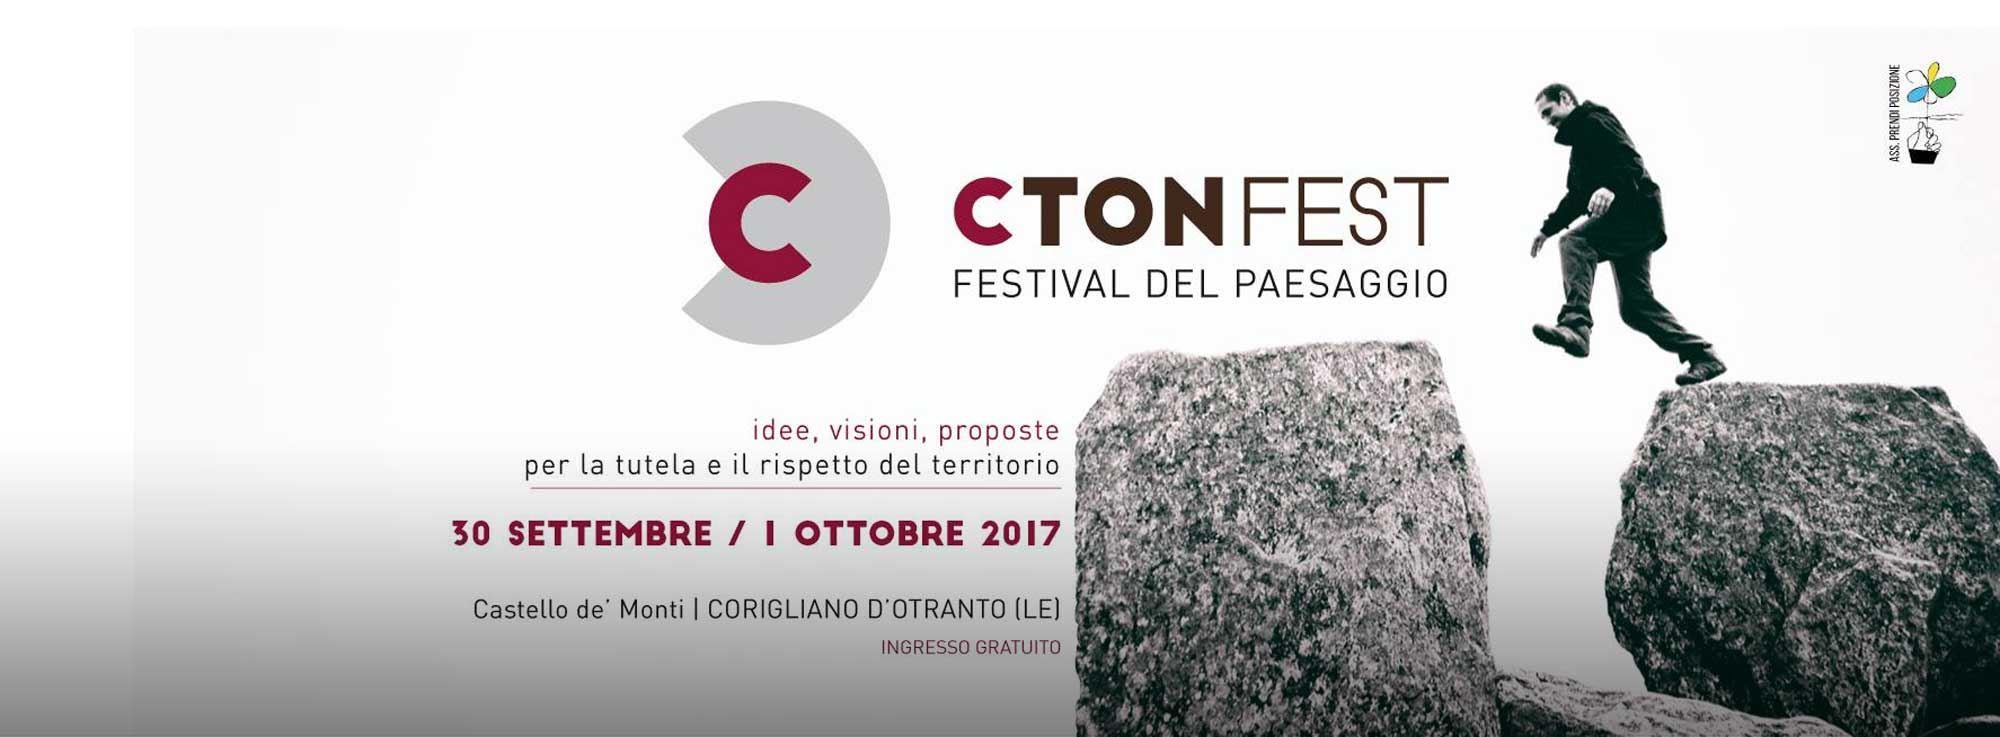 Corigliano d'Otranto: Cton - Festival del Paesaggio